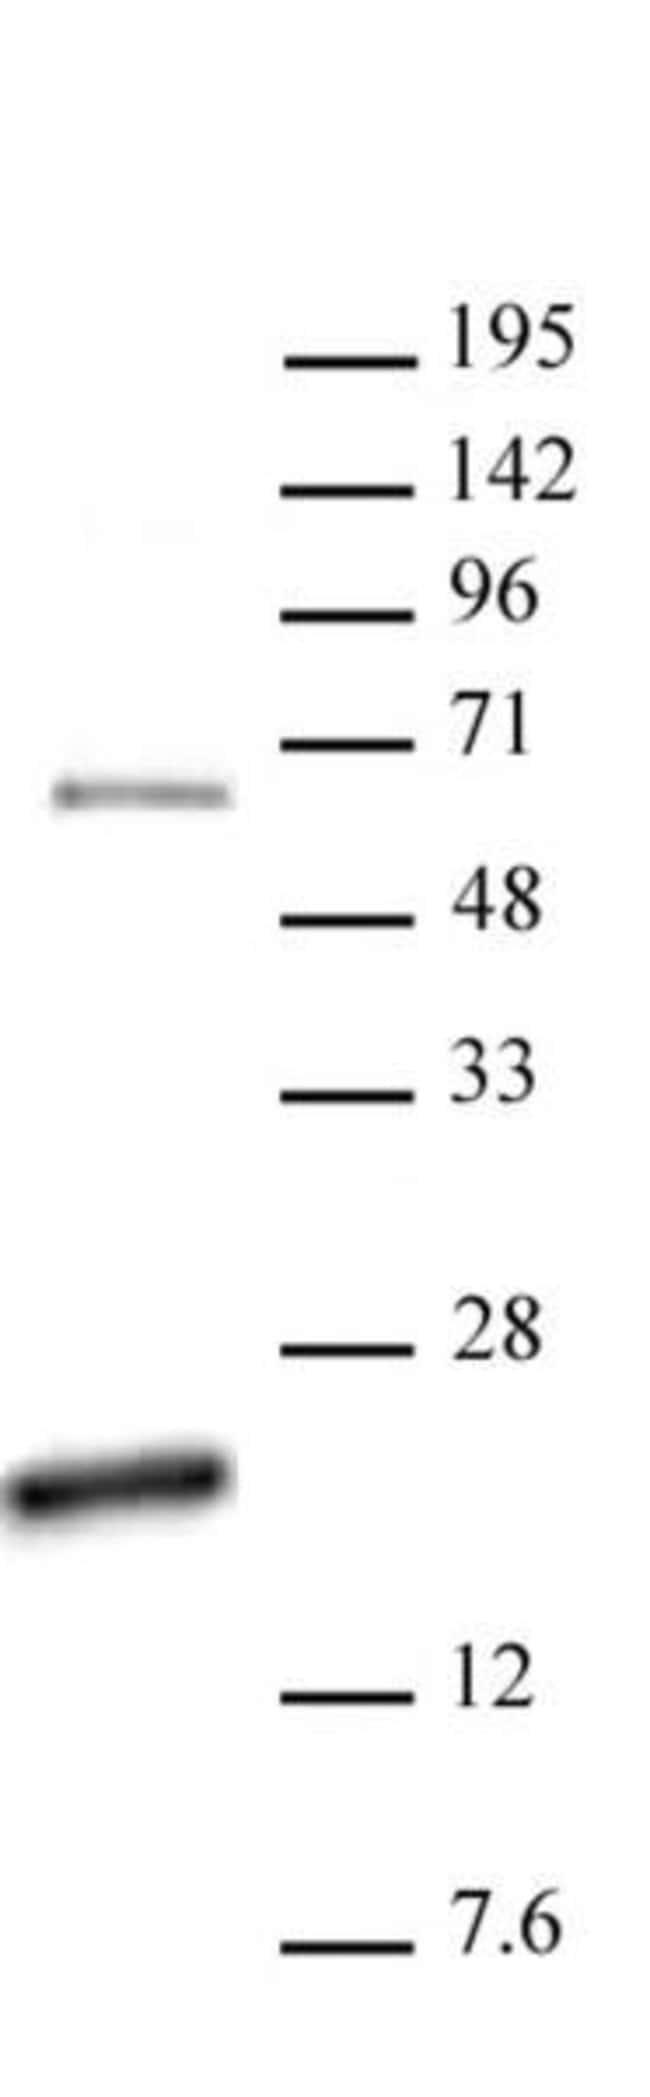 Histone H3R17me2a (asymmetric) Rabbit anti-Human, Unconjugated, Polyclonal,